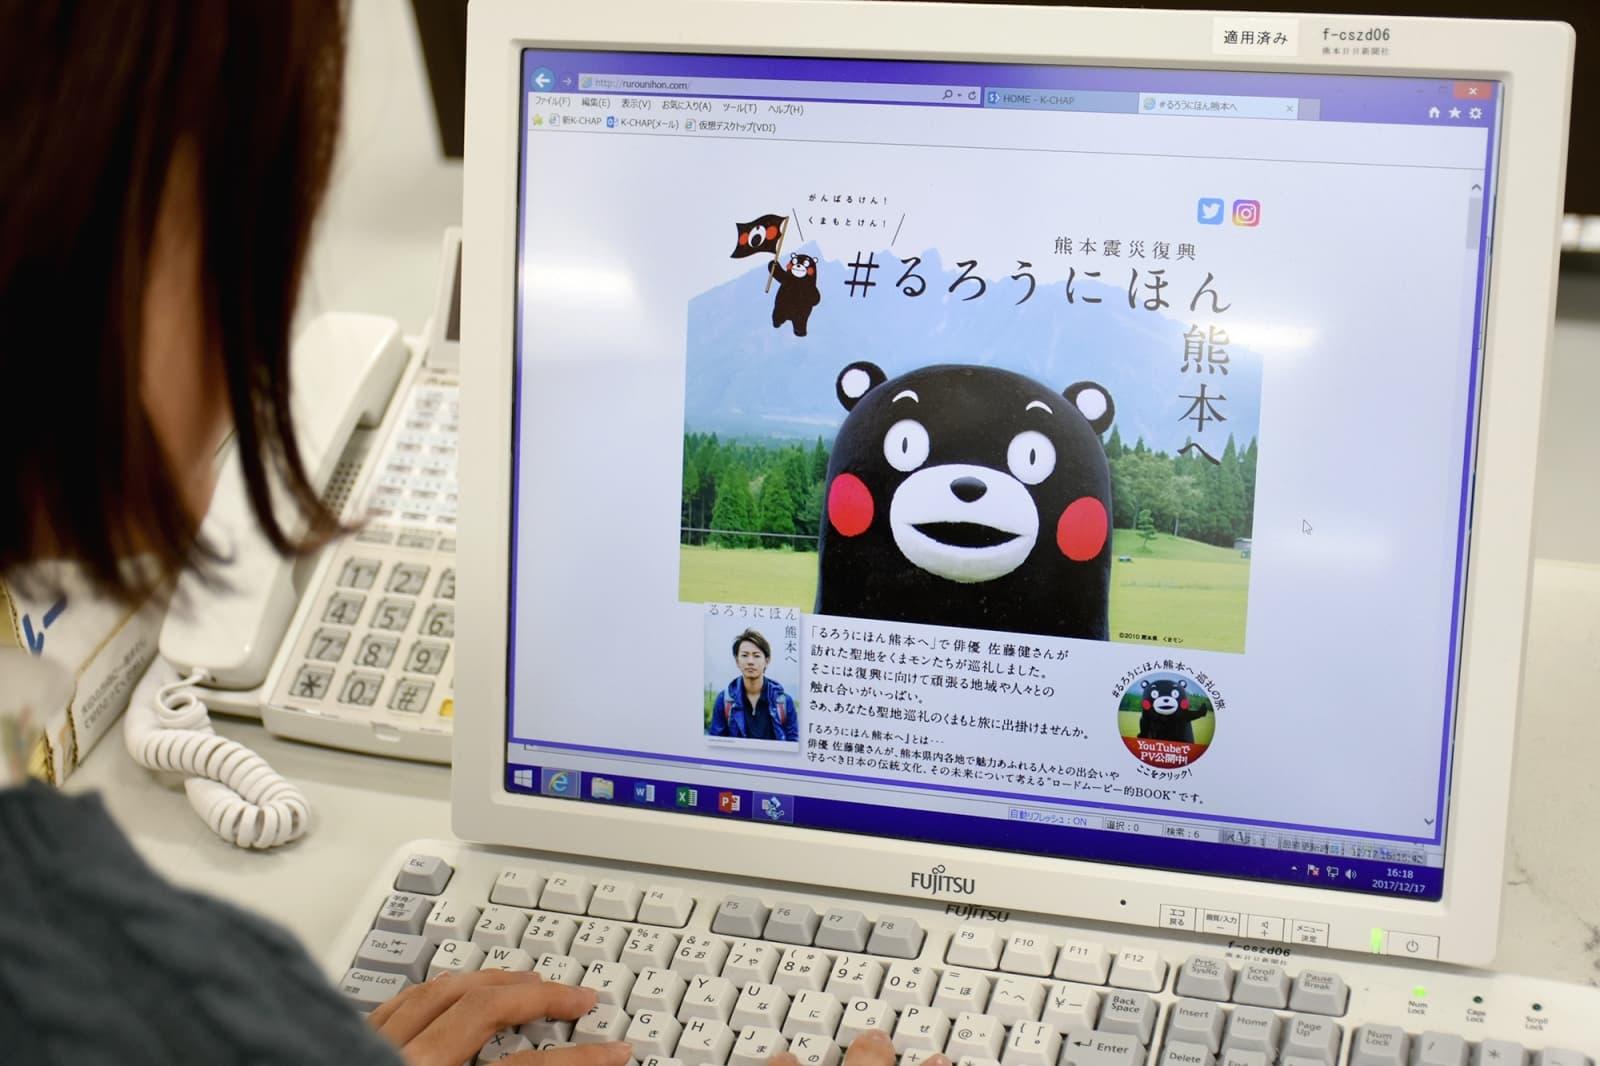 俳優の佐藤健さんが熊本の魅力を紹介した本を映像化した「熊本震災復興#るろうにほん熊本へ」のホームページ